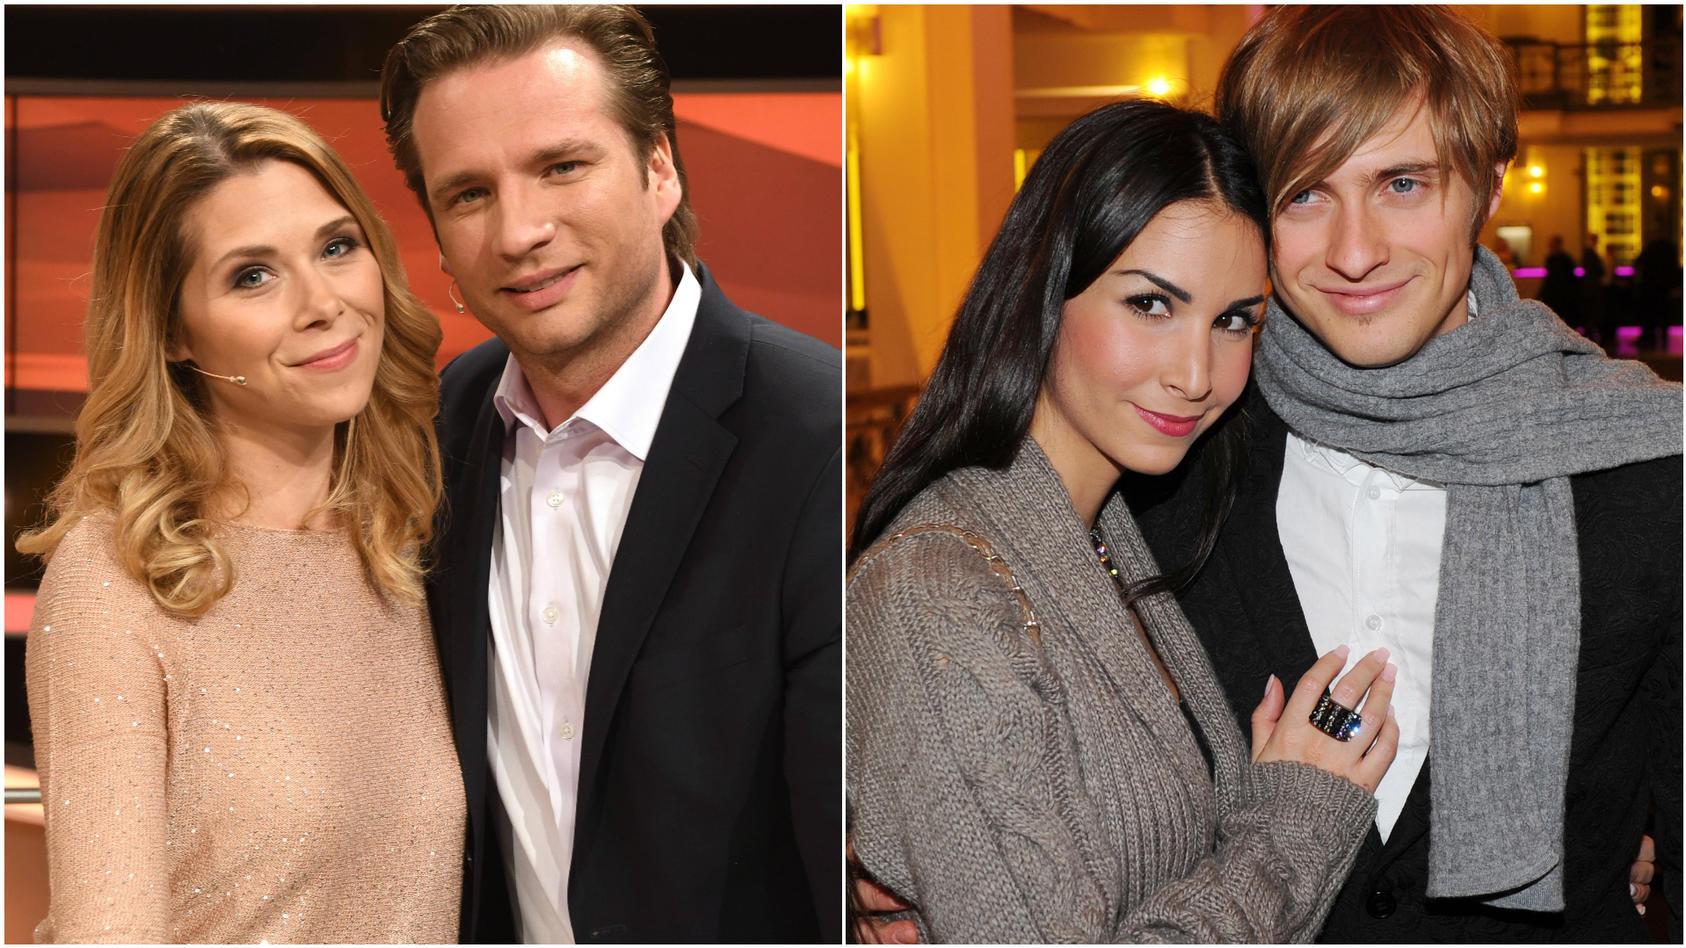 Bei so vielen Serien-Stars kann man wirklich schon mal den Überblick verlieren: Wer hat sich bei den Dreharbeiten verliebt? Wer ist noch zusammen und wer hat sich getrennt?